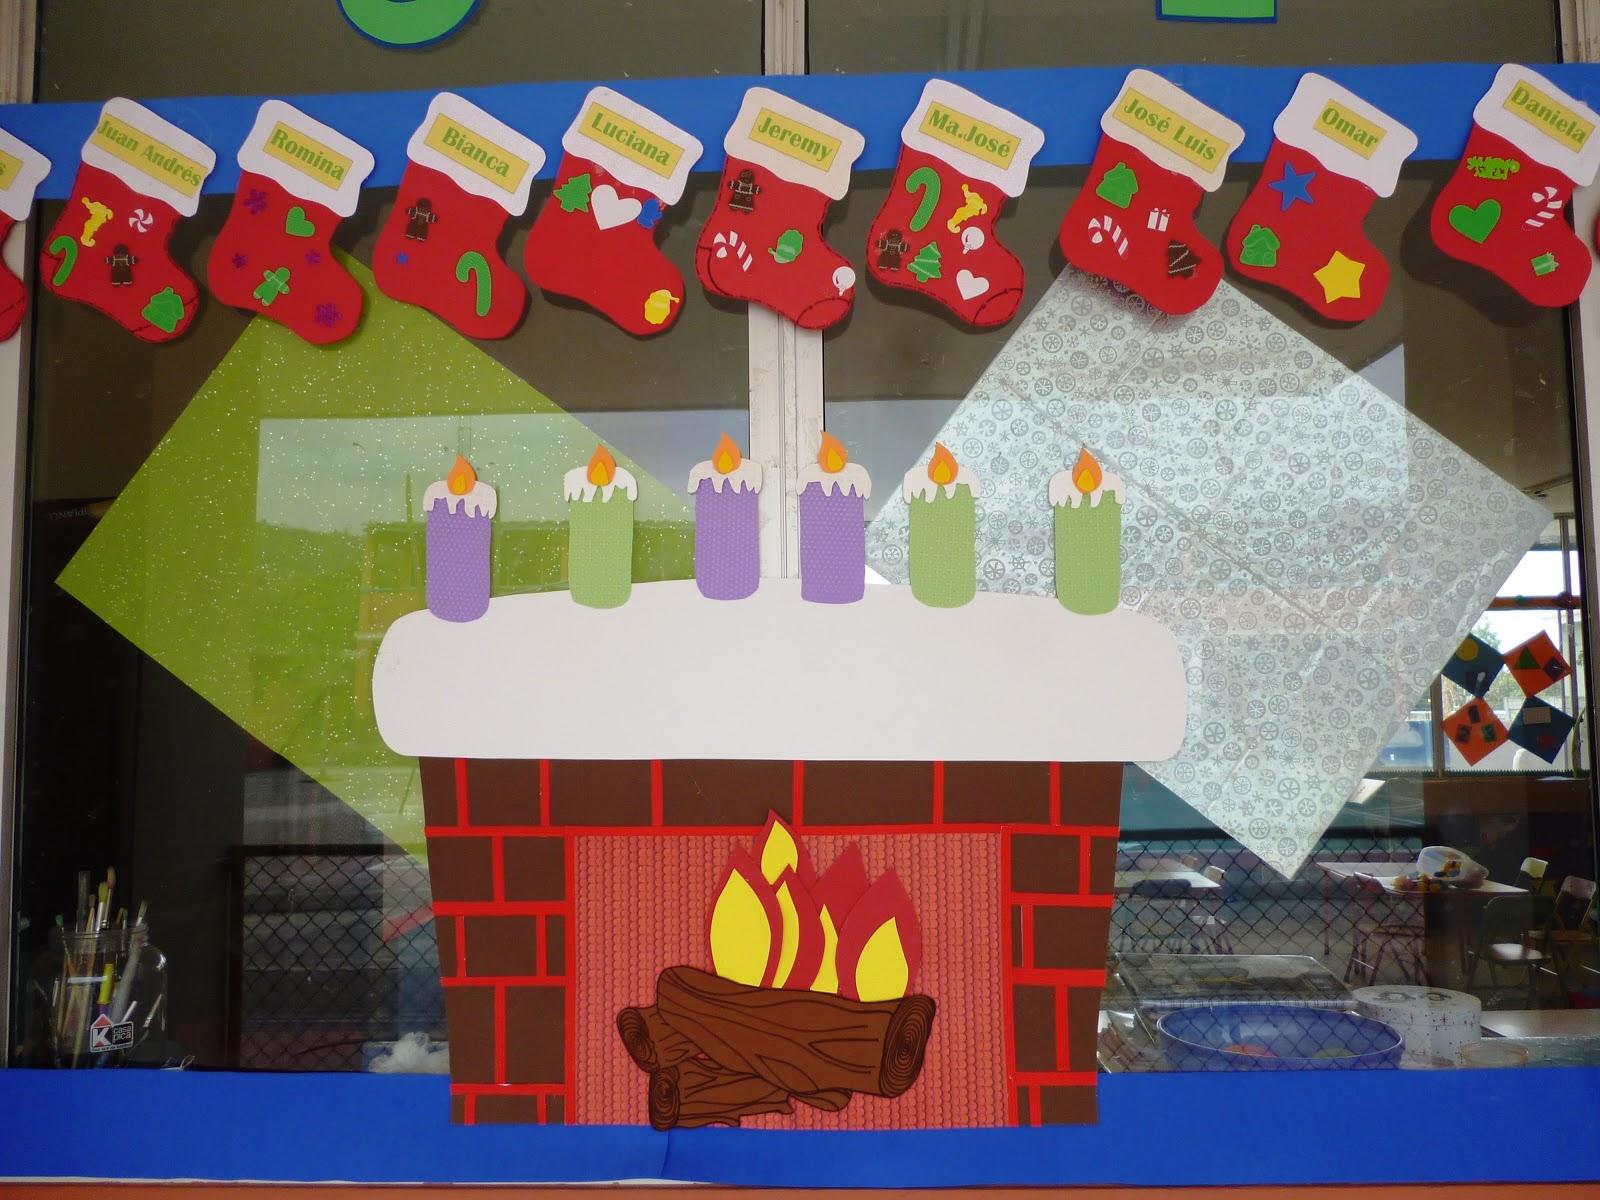 Educaci n inicial para todos adornos de navidad para el sal n de clases - Como decorar un salon en navidad ...